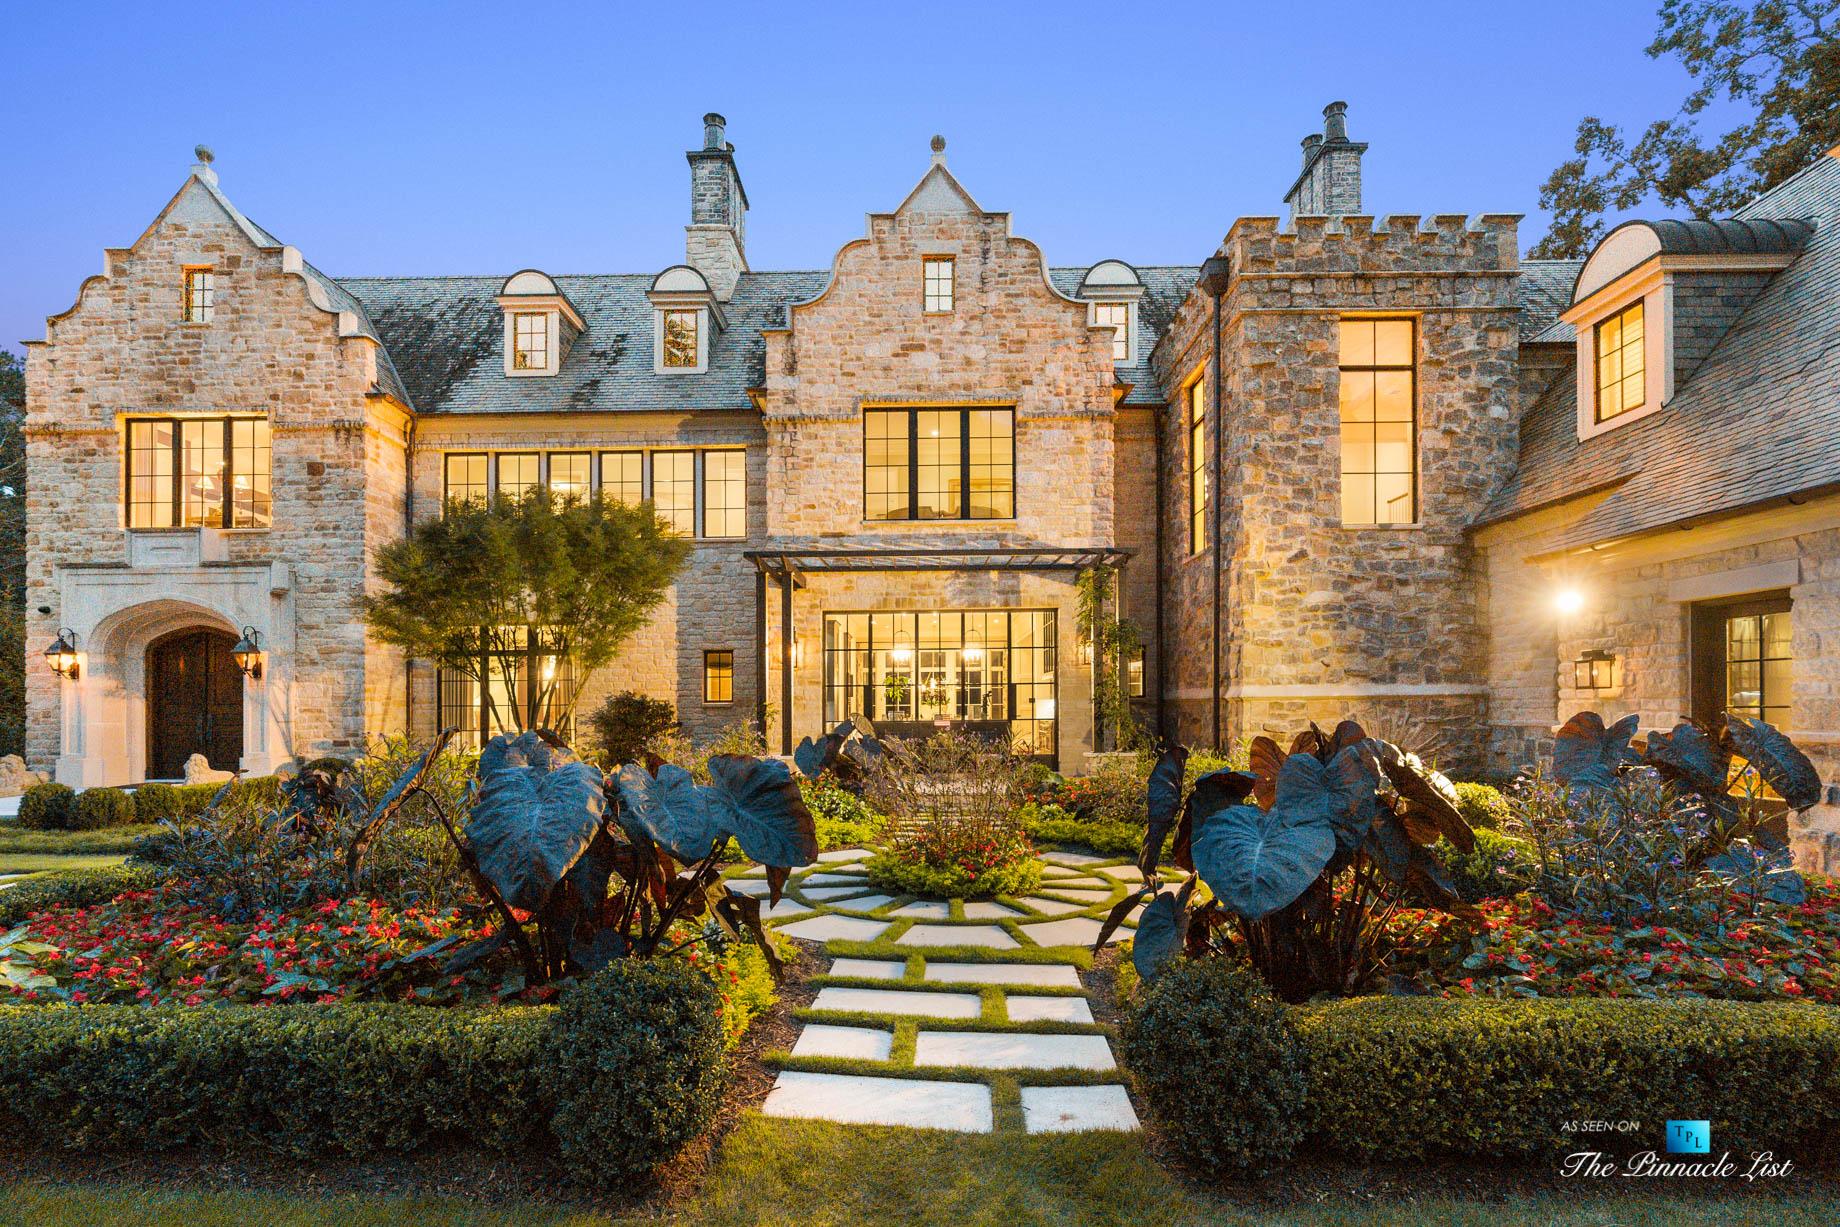 1150 W Garmon Rd, Atlanta, GA, USA – Twilight Front View – Luxury Real Estate – Buckhead Estate Home